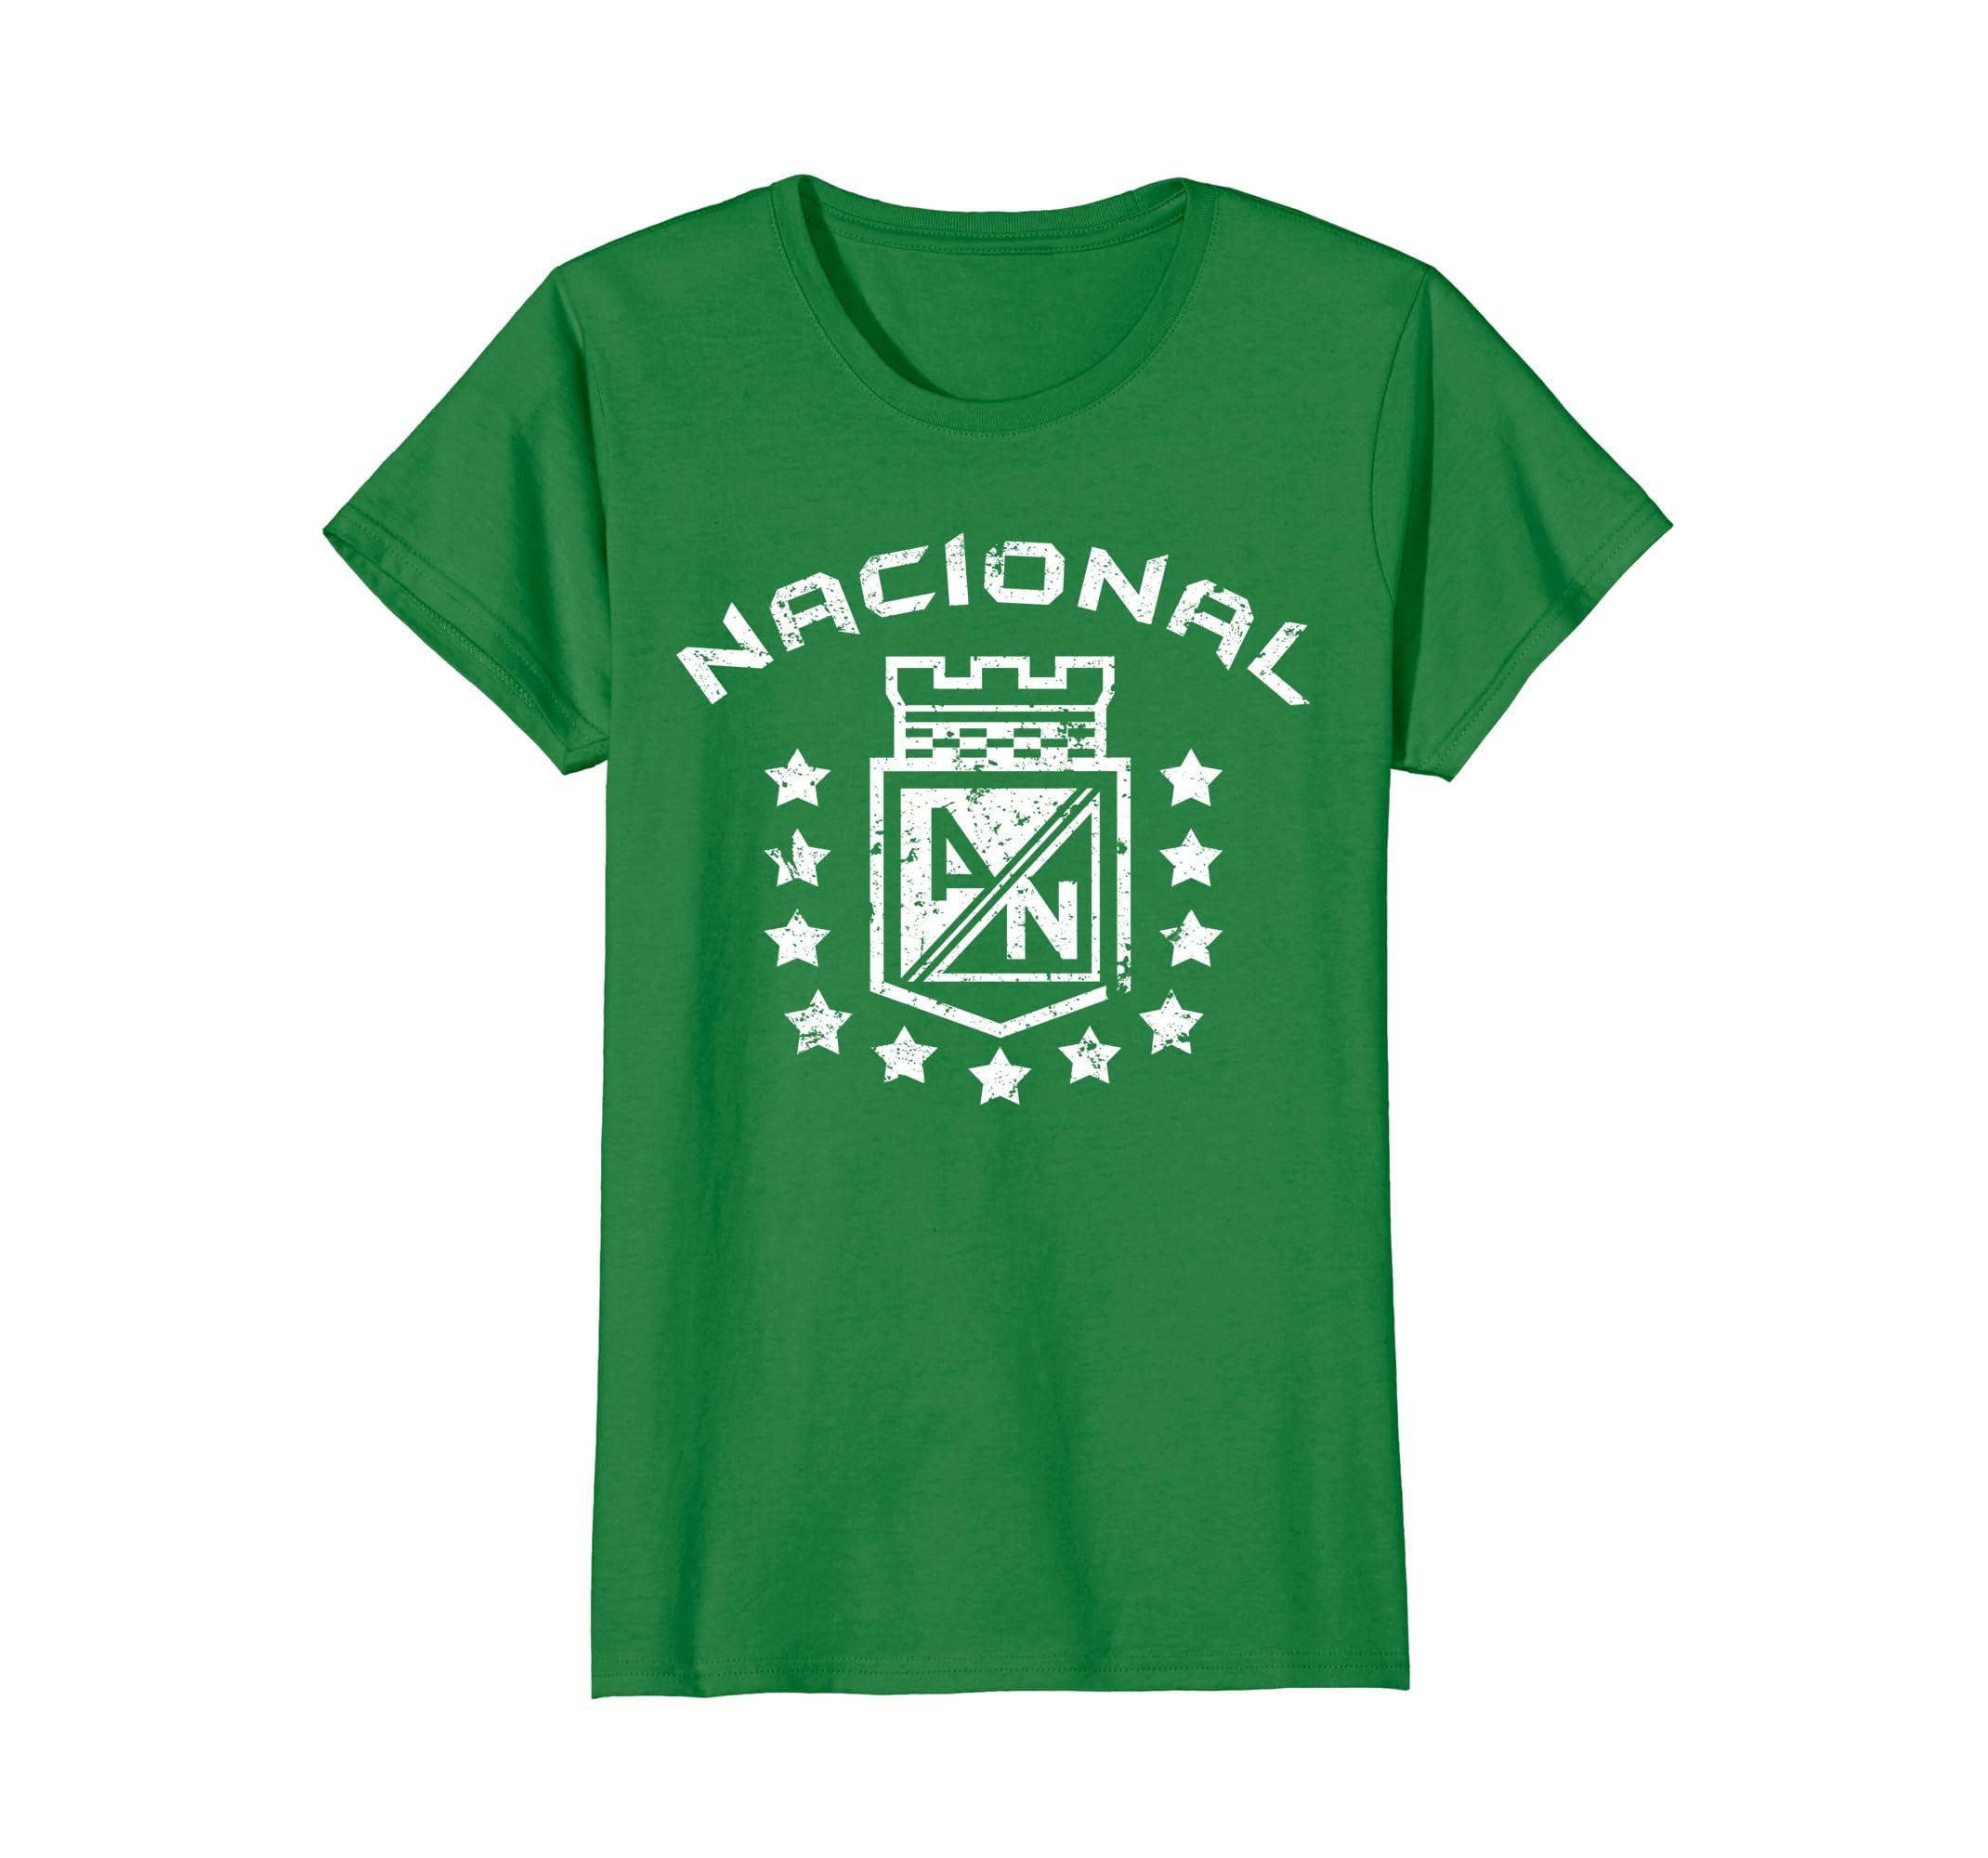 Amazon.com: Atletico Nacional Medellin Colombia Camiseta Tshirt futbol: Clothing